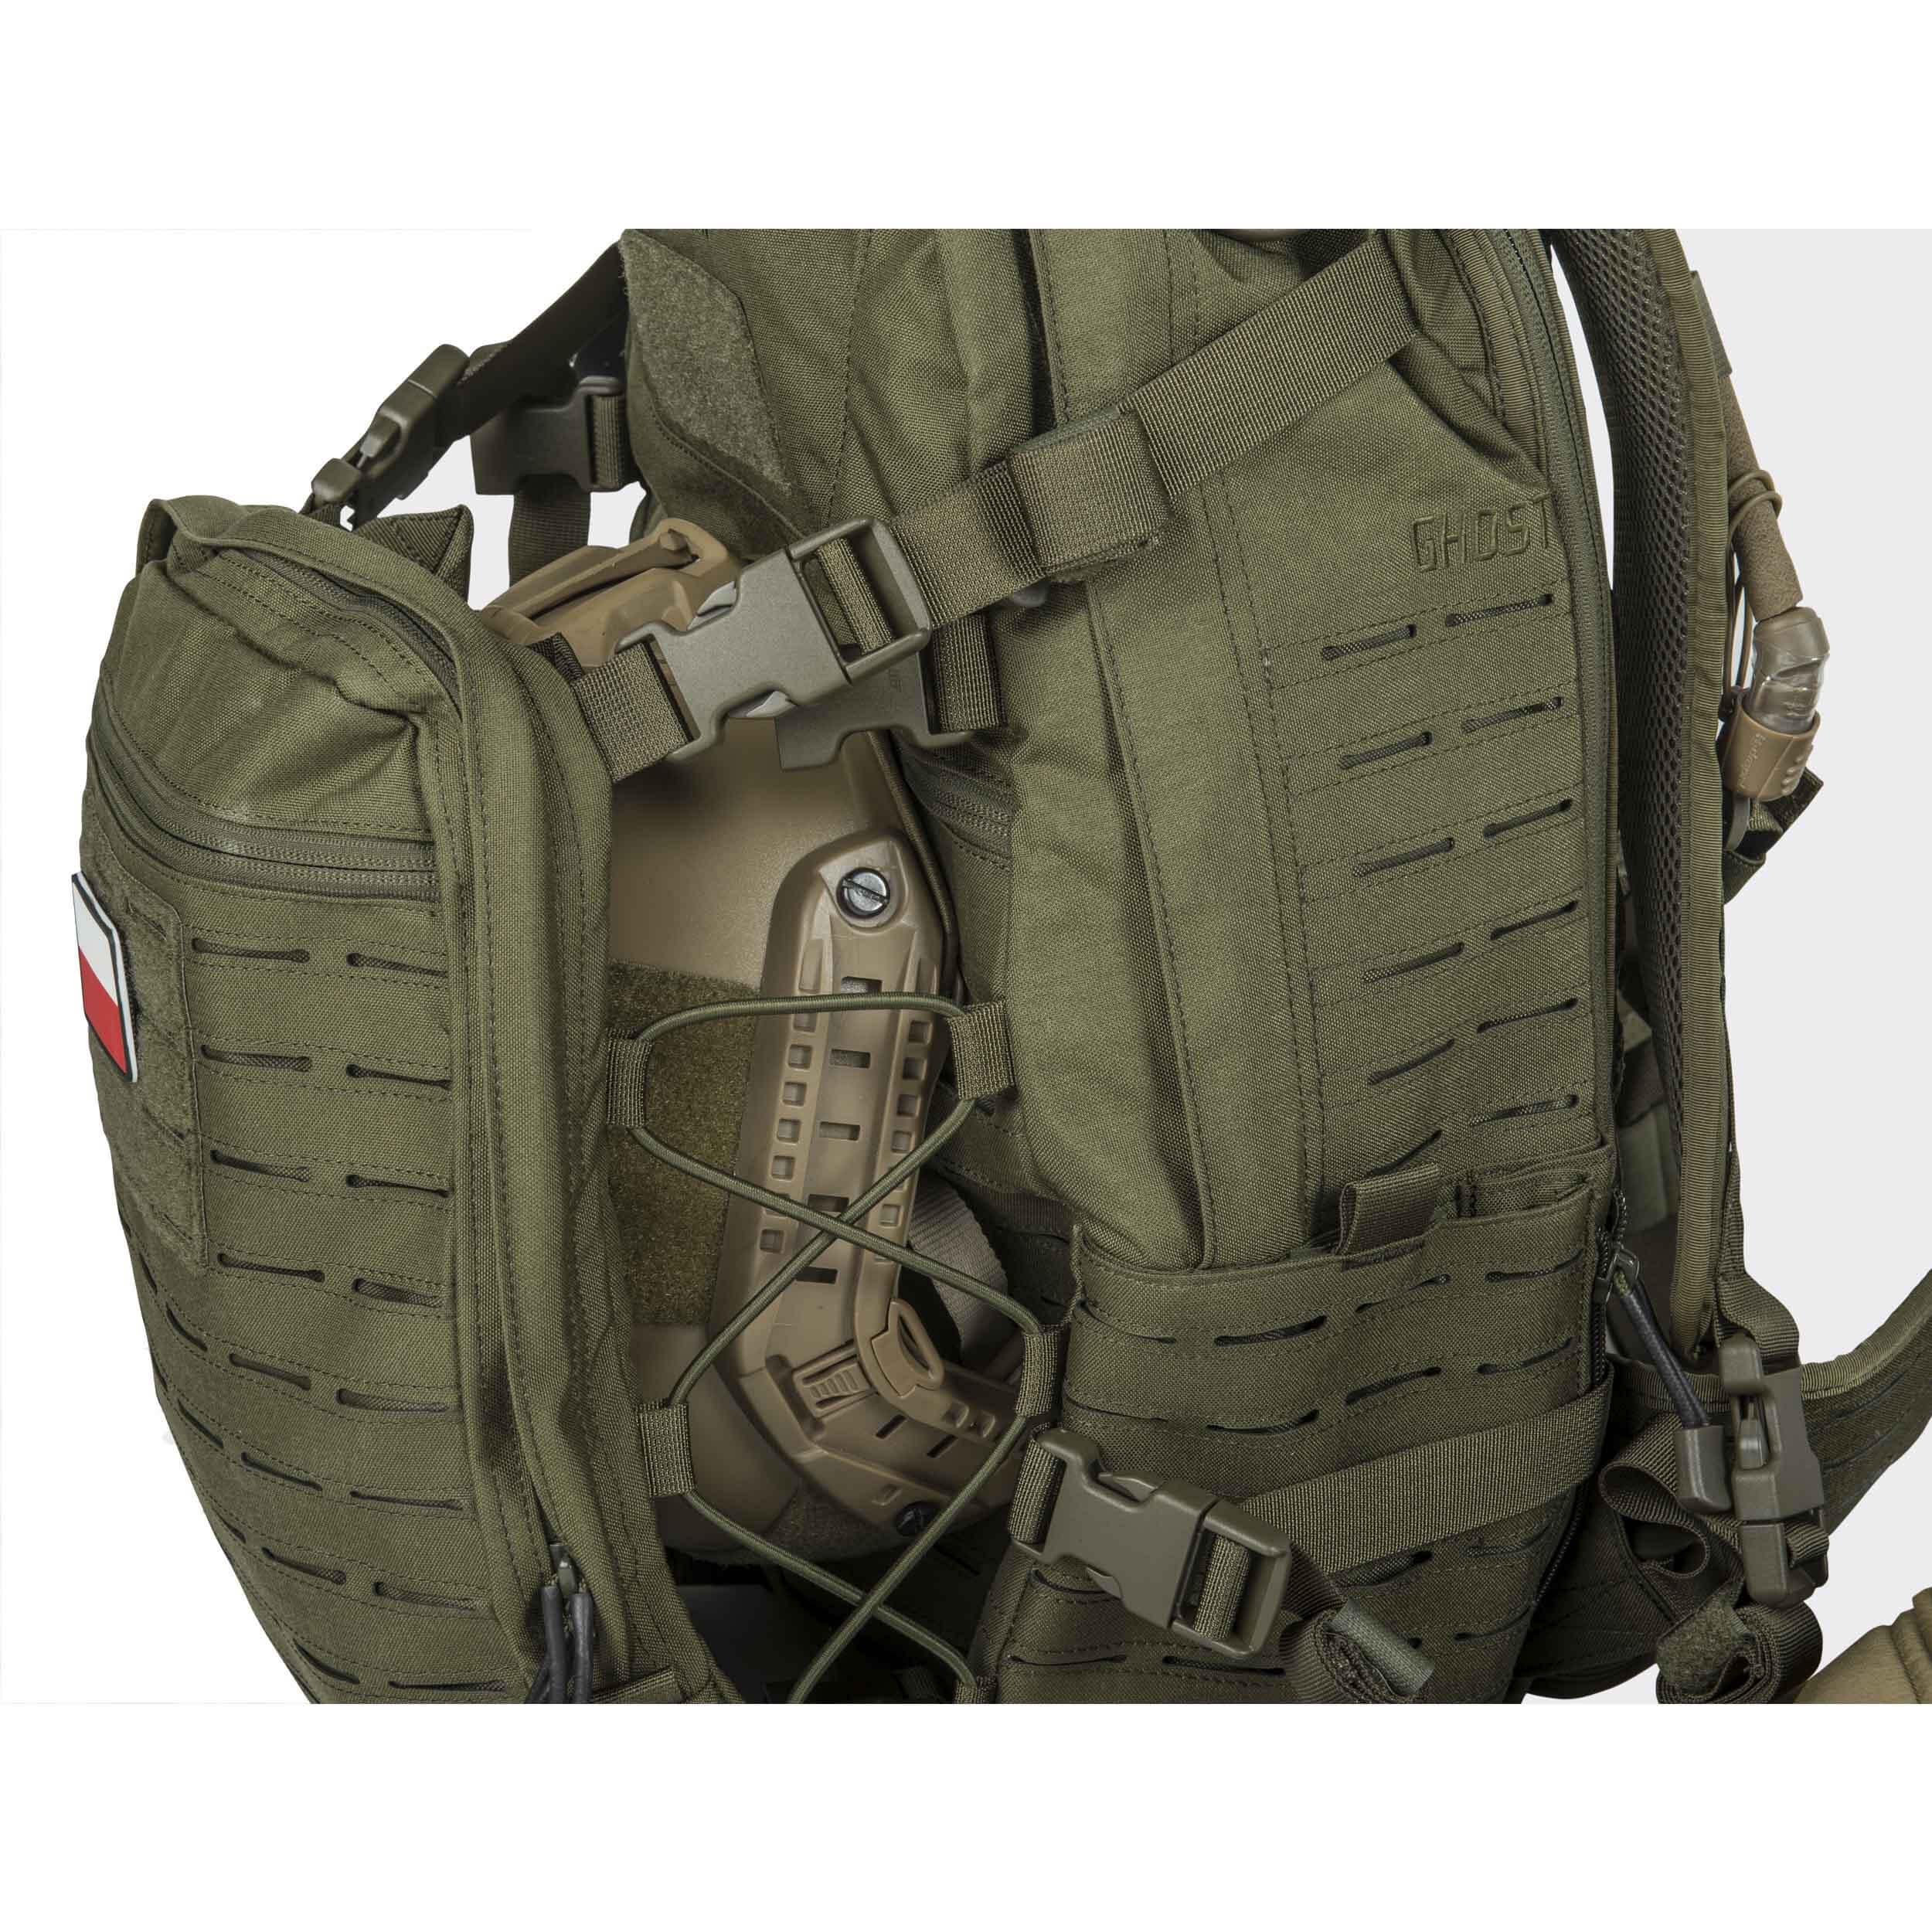 Direct Action GHOST® MkII Backpack - Cordura® - PenCott Sandstorm